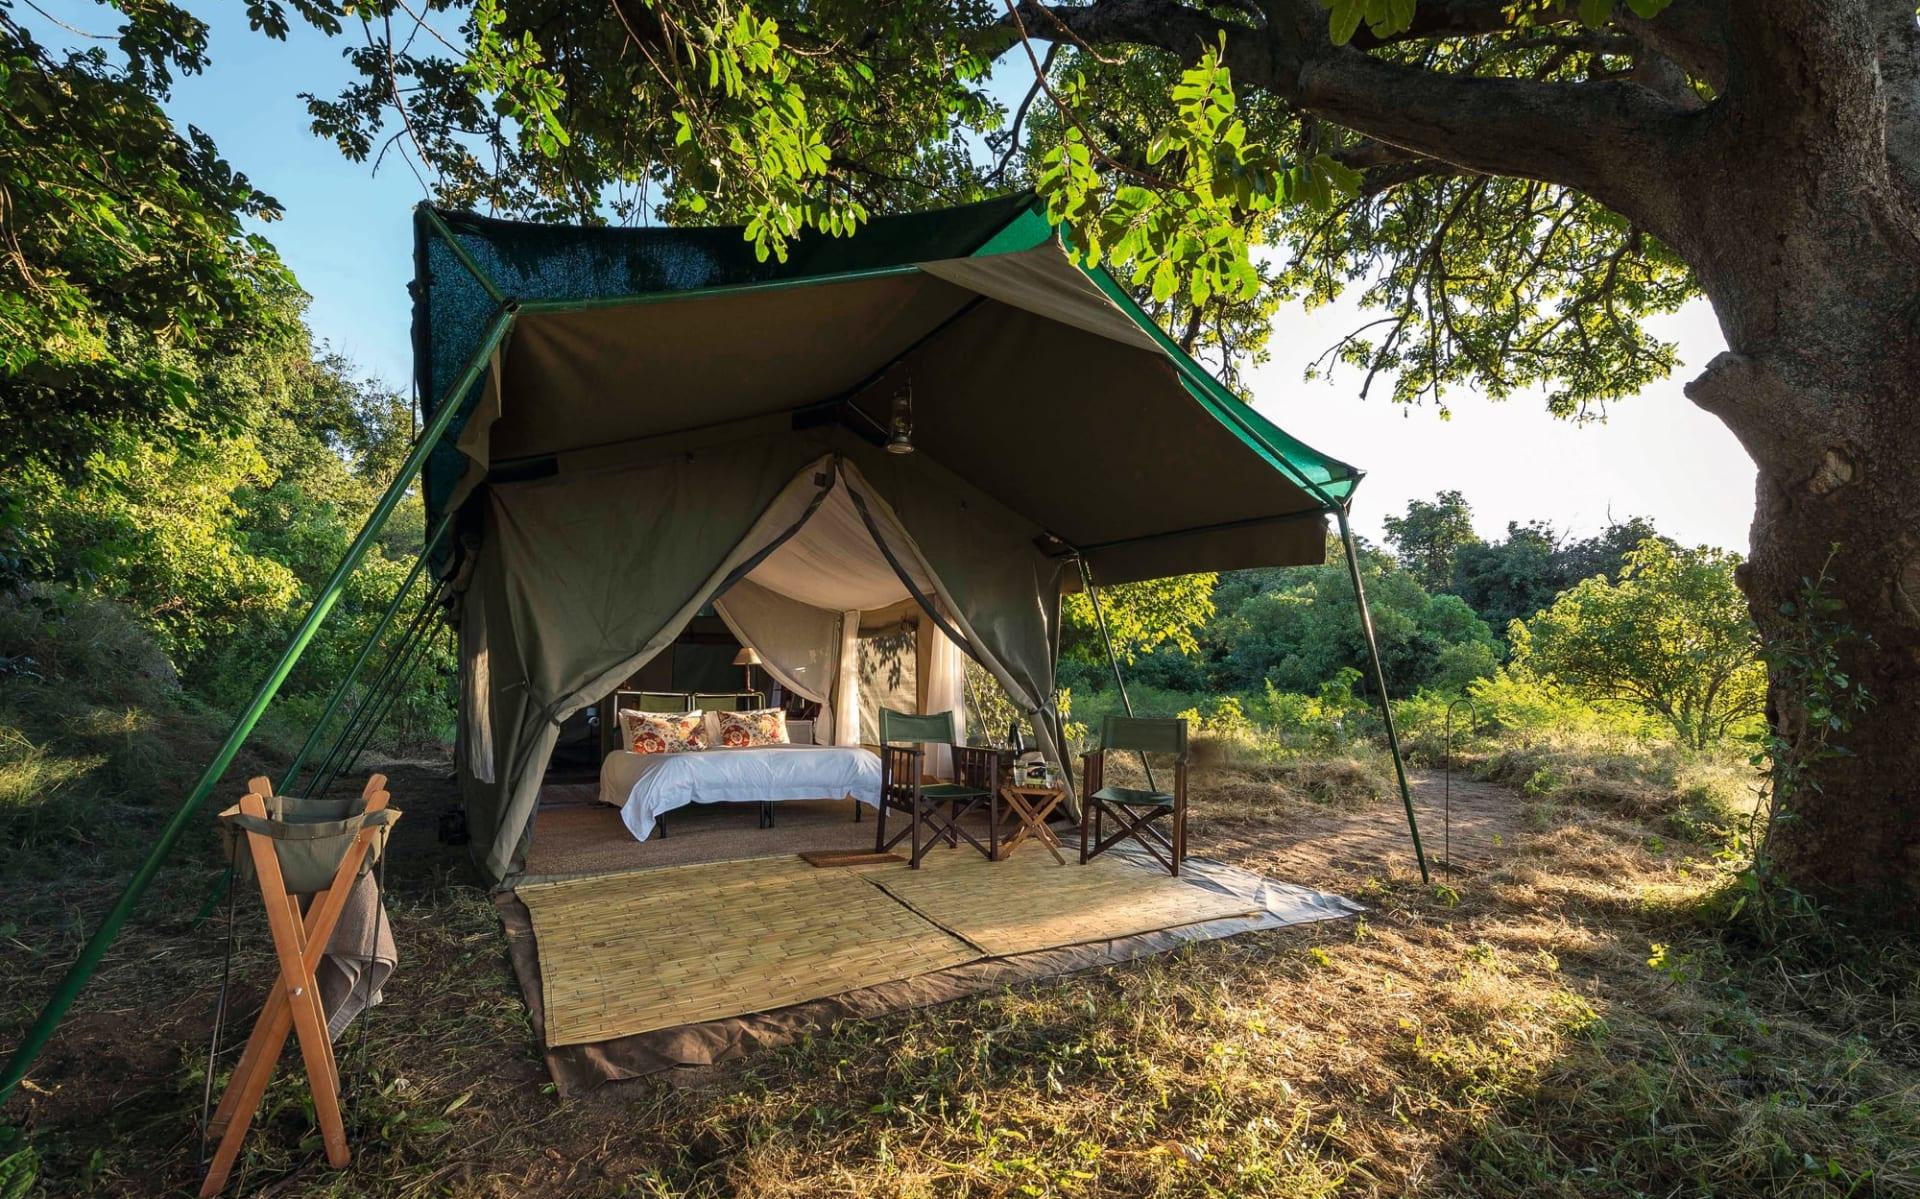 John's Camp in Mana Pools Nationalpark: Johns Camp - Zelt von aussen mit Bett c Robin Pope Safaris